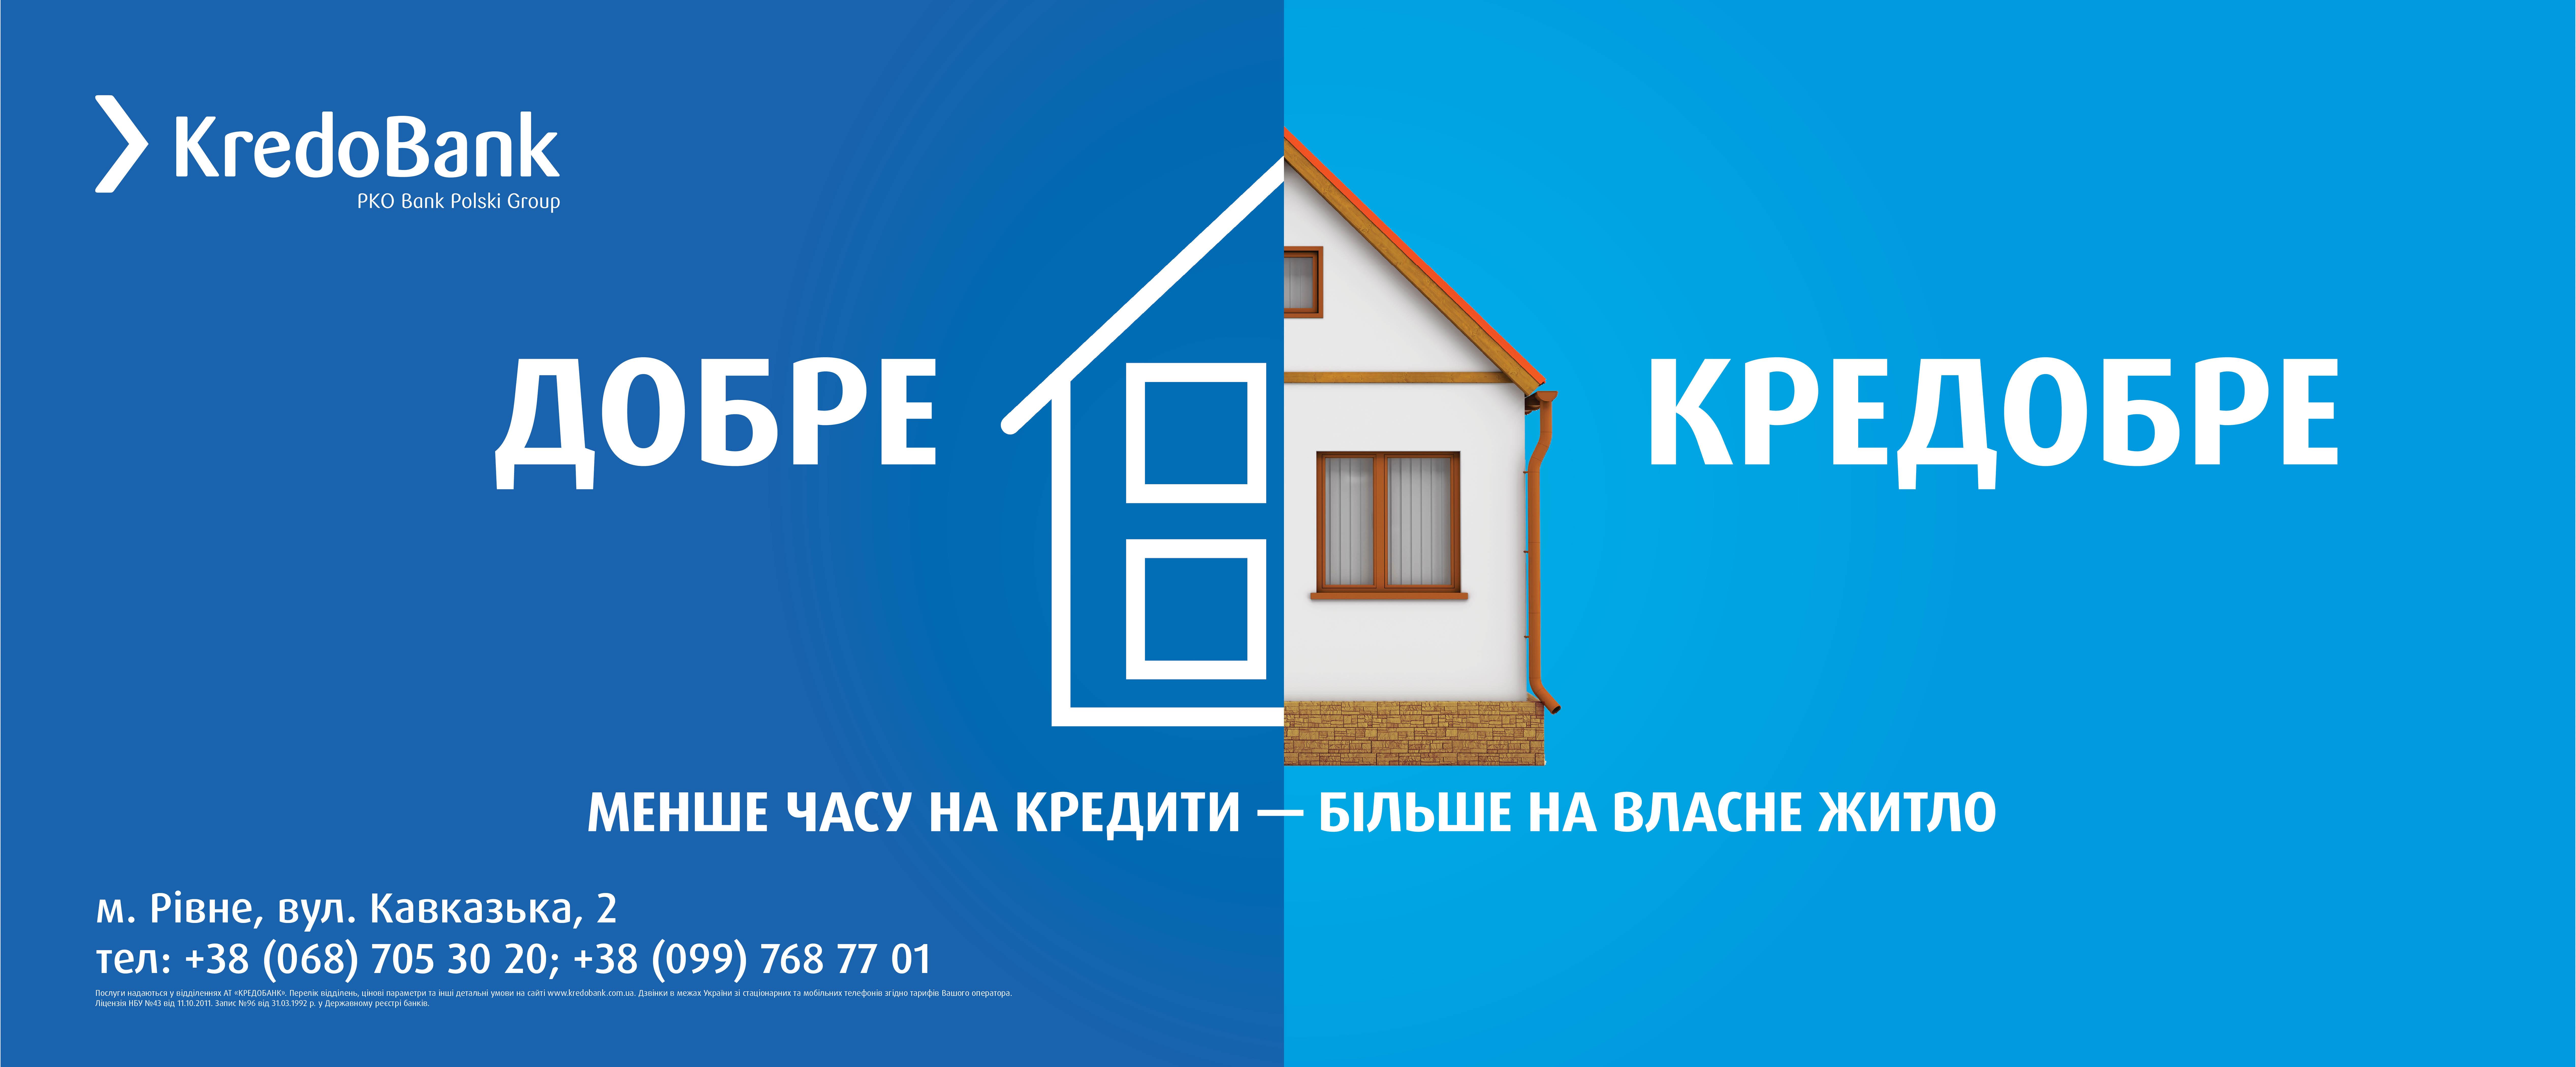 Акція «Квартира в кредит» від «Стоград» та «Kredobank»